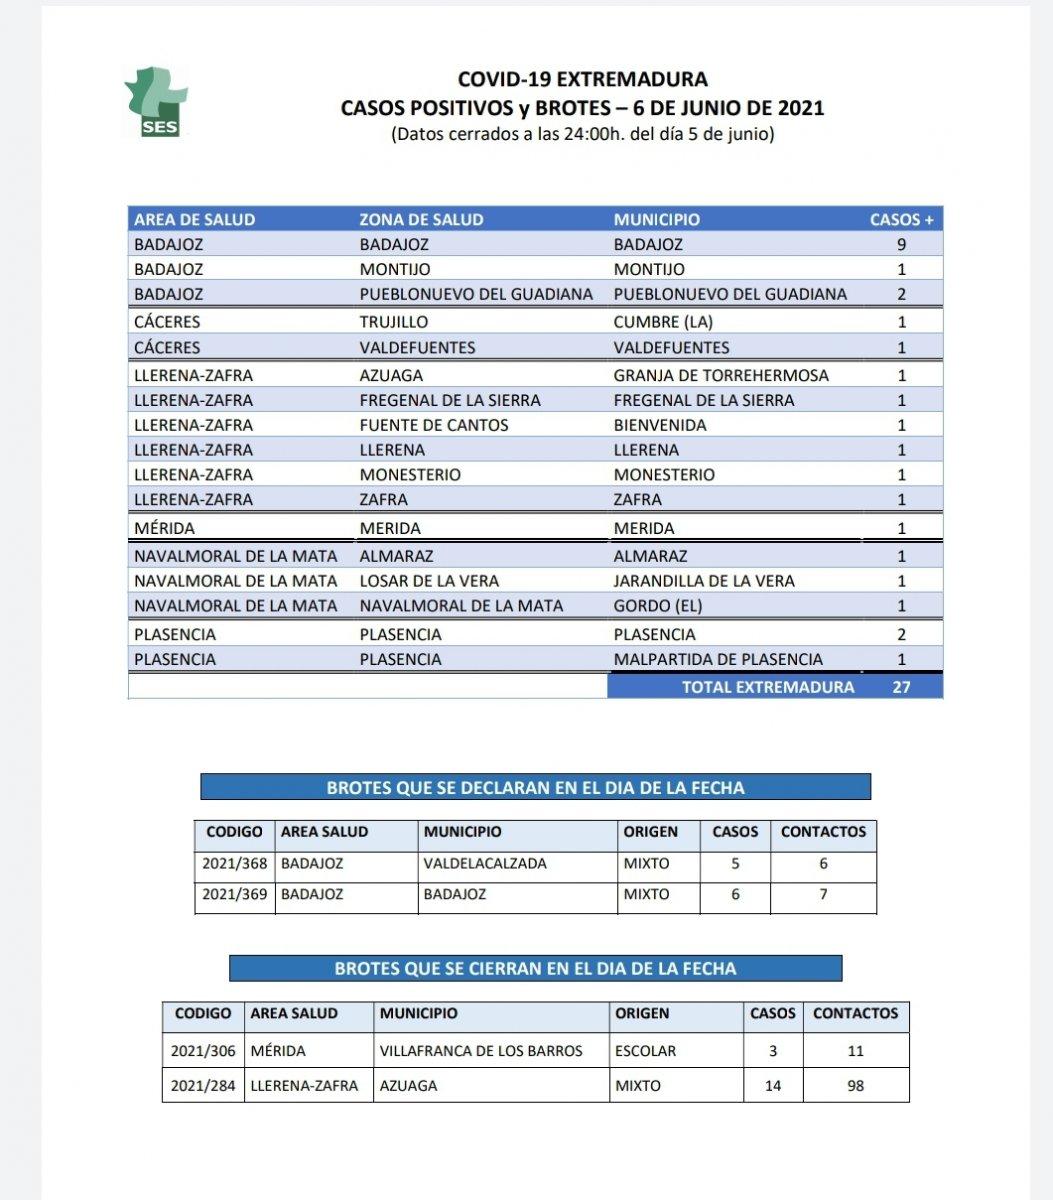 Localiza dónde se han confirmado casos de Covid-19 este 6 de junio en Extremadura